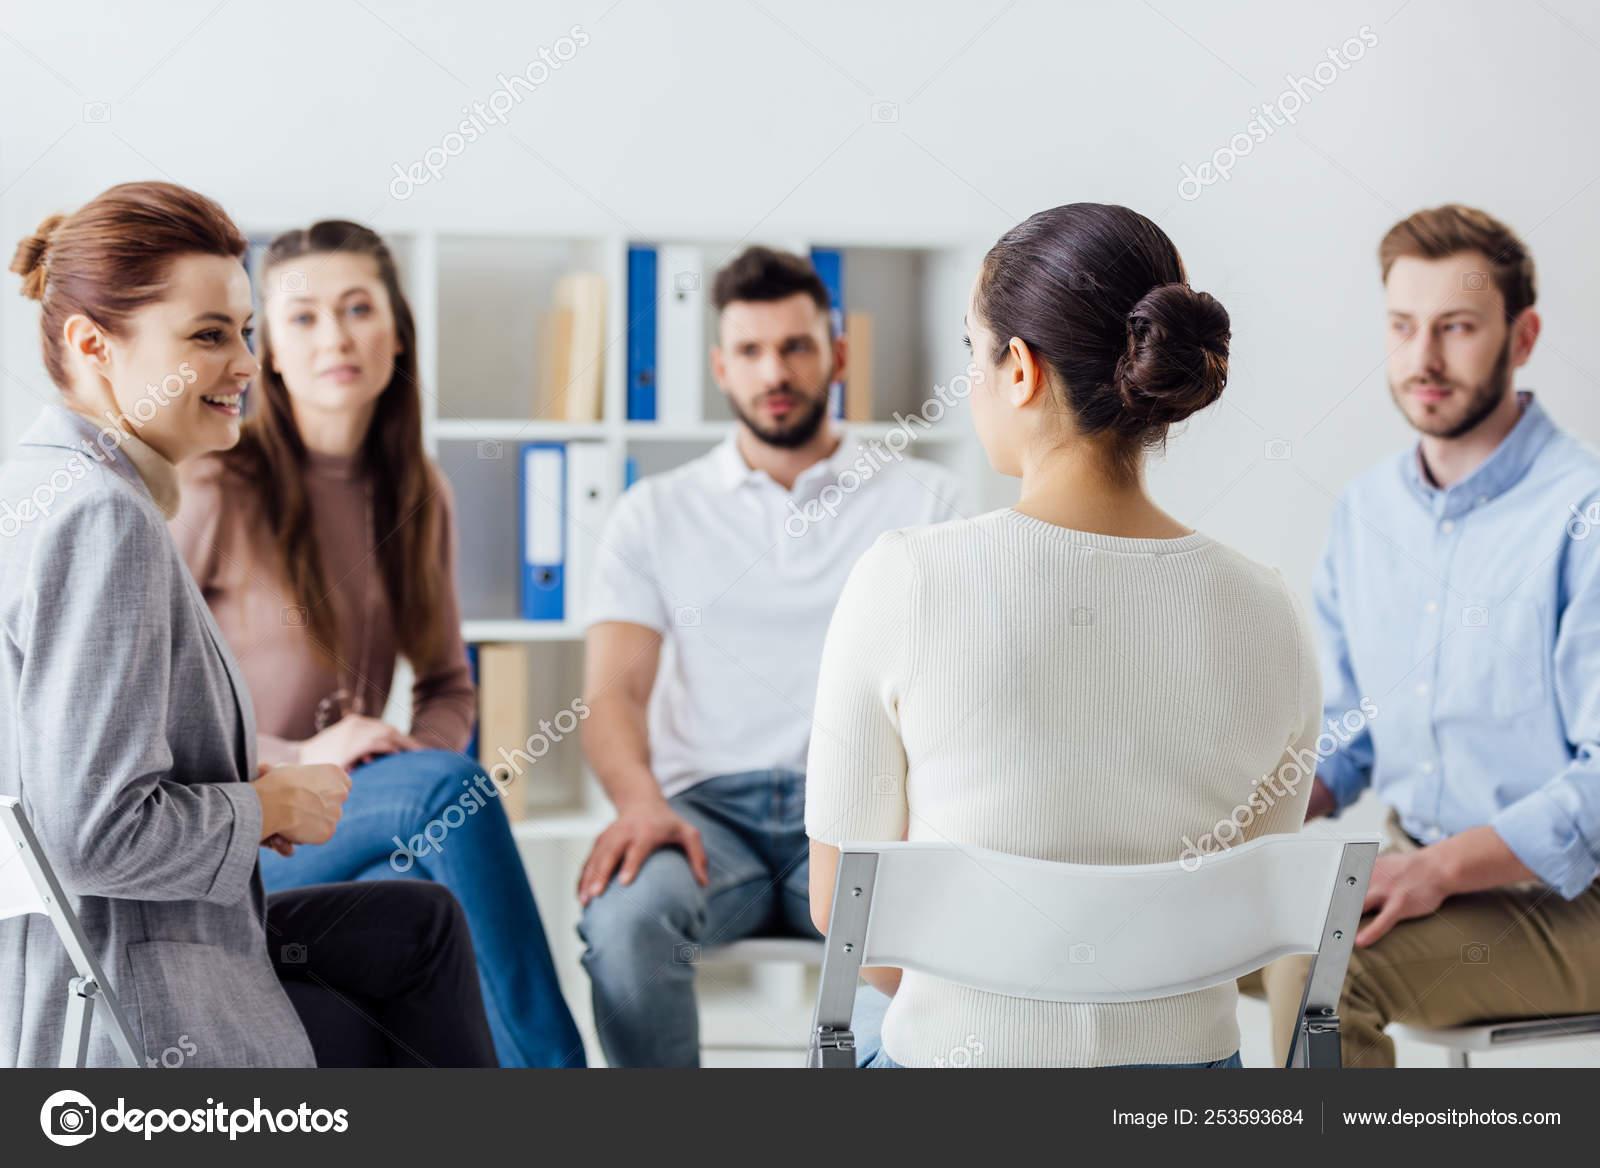 Foto Persone Sedute.Gruppo Persone Sedute Cerchio Sedie Durante Sessione Del